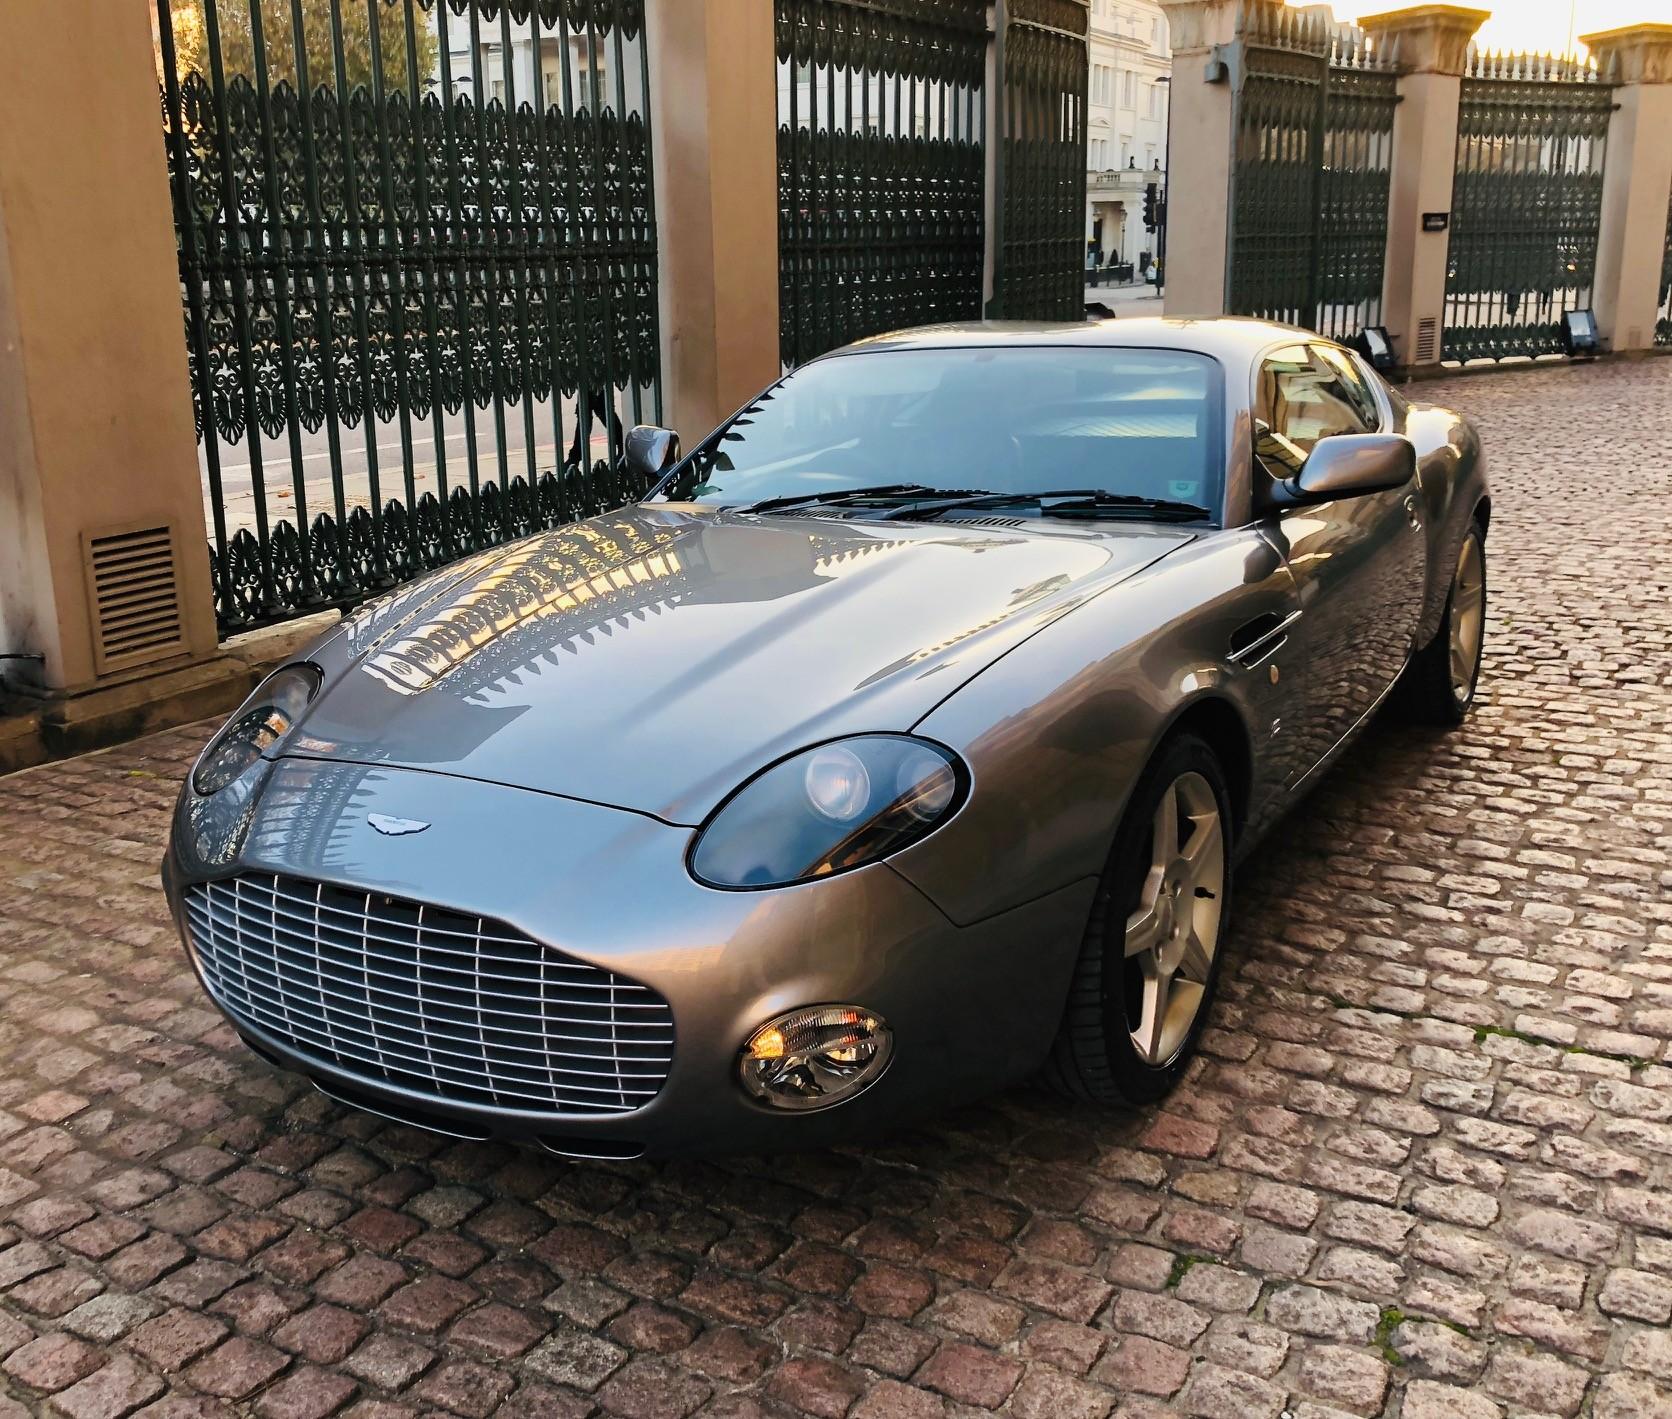 Aston Martin Db7 Zagato Hire London